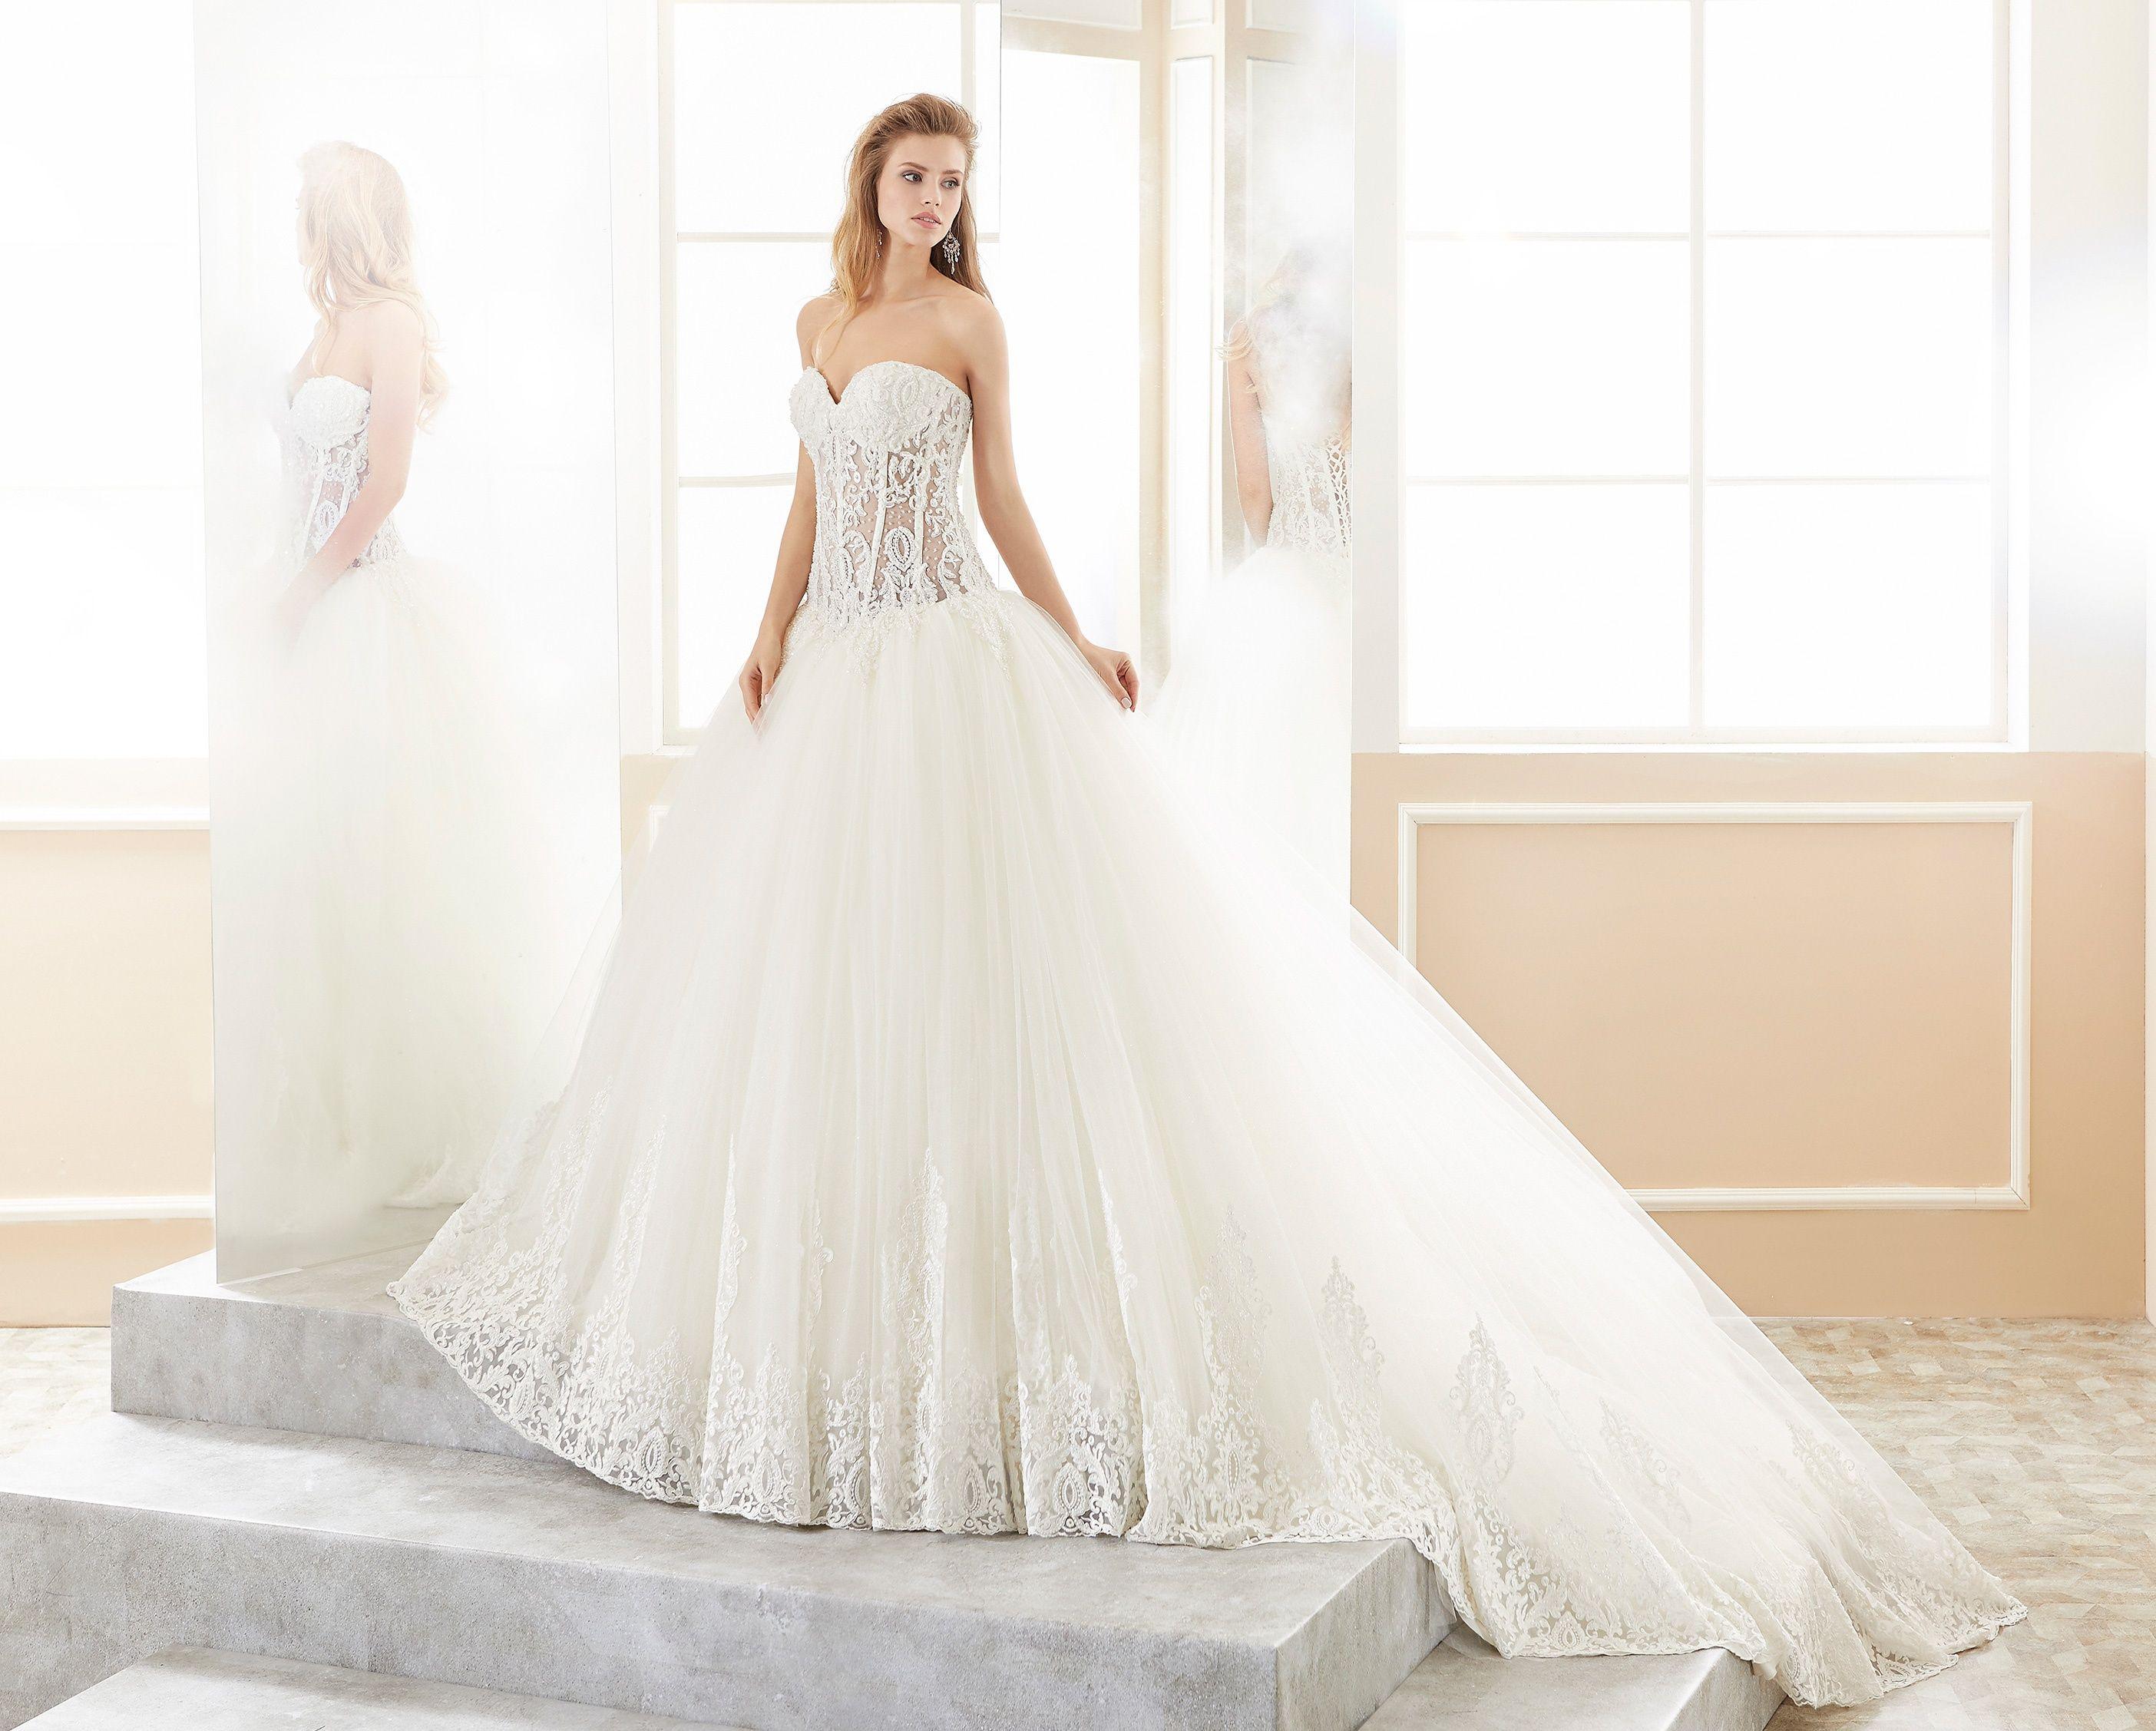 Moda sposa collezione romance roab abito da sposa